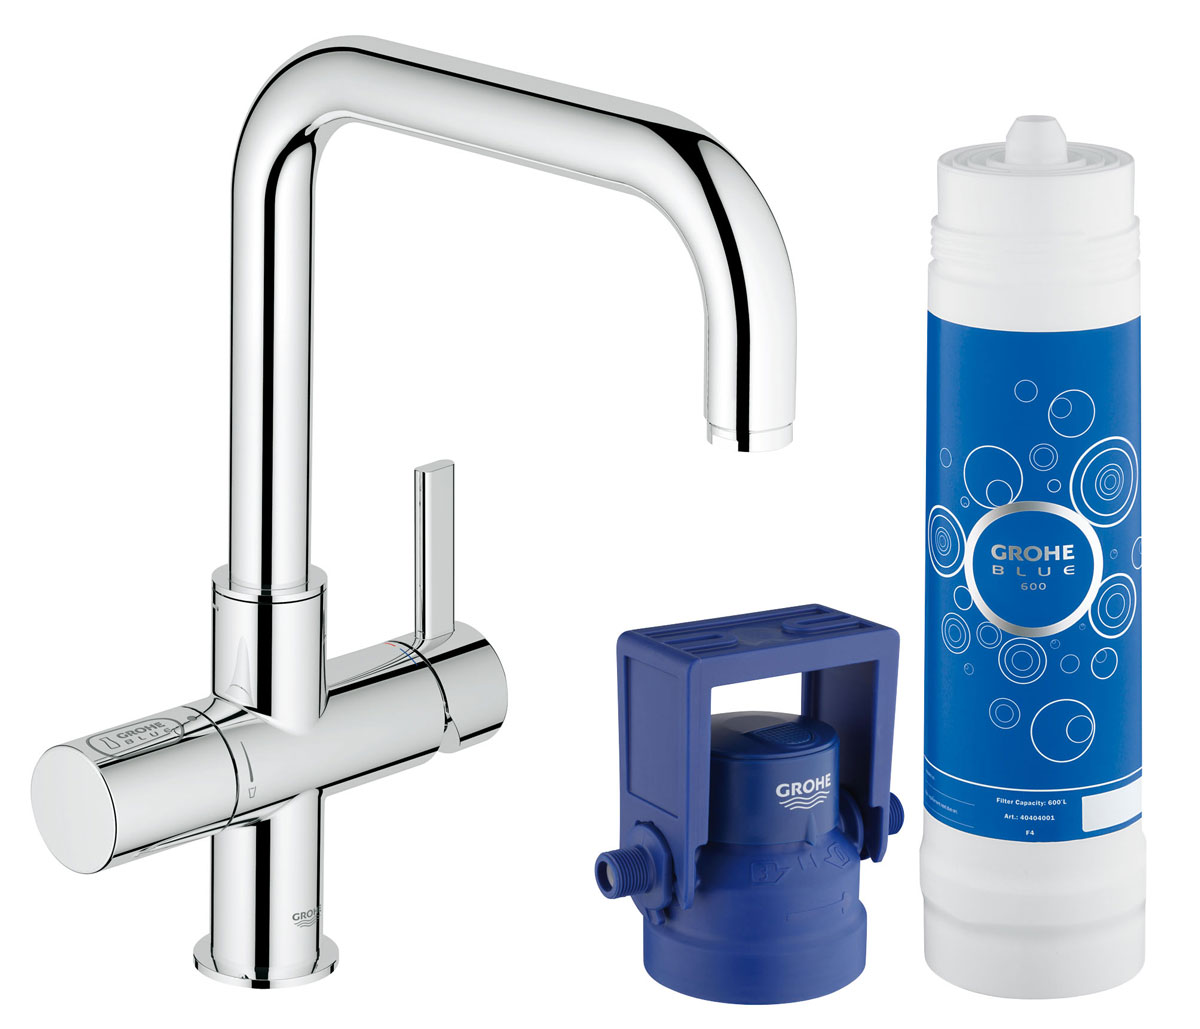 Комплект GROHE Blue 2-в-1: вентиль для фильтрованной воды и смеситель для кухни (фильтрация, U-излив) (31299001)31299001GROHE Blue Pure: кухонный смеситель, подающий свежую питьевую воду прямо из под крана, избавит от необходимости носить домой тяжелые бутыли с водой.Система фильтрации GROHE Blue Pure, которая активируется отдельным рычагом для подачи воды, очищает воду от нежелательных примесей, ухудшающих ее вкус и запах, включая хлор. Помимо впечатляющих функциональных возможностей данный смеситель для мойки также отличается эффектным внешним видом и способностью играть главную роль в интерьере кухни, причем износостойкое хромированное покрытие GROHE StarLight лишь подчеркивает его лаконичный дизайн. Высокий излив, вращающийся в радиусе 180°, позволяет с легкостью наполнять высокие емкости.Технология GROHE SilkMove обеспечивает плавность регулировки напора воды при минимуме усилий. Разумеется, в данном смесителе также предусмотрены все функции обычного кухонного смесителя. Избавьтесь от необходимости носить домой тяжелые бутыли с водой и наслаждайтесь чистым вкусом свежей питьевой воды.Особенности:Включает в себя:GROHE Blue Смеситель однорычажный для мойки с функцией очистки водопроводной водыМонтаж на одно отверстиеU-изливОтдельная рукоятка для фильтрованной водыКерамический вентиль 1/2GROHE SilkMove керамический картридж 35 ммРегулировка расхода водыGROHE StarLight хромированная поверхность Поворотный трубкообразный изливПоворот излива на 180°Отдельные водотоки для питьевой и водопроводной воды Гибкая подводкаТип защиты IP 21Одобрено в СE Для LED индикатора расхода фильтра используется сетевое напряжение 100-240 В AC 50/60 Гц, которое преобразуется в безопасное сверхнизкое напряжение 6 В DC GROHE Blue фильтр на 600 лGROHE Blue регулируемая головка фильтра Класс шума I по DIN 4109